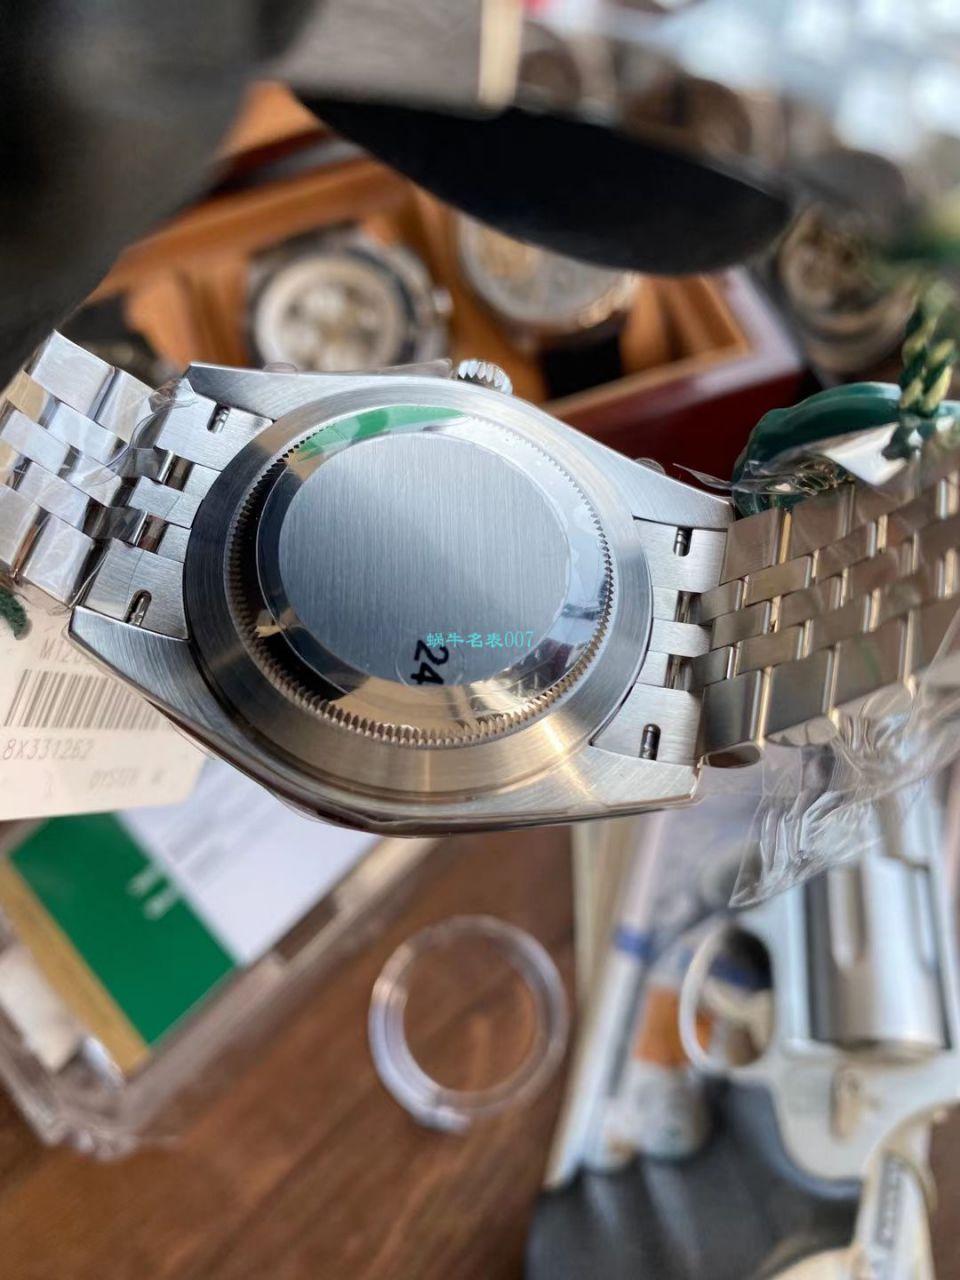 VS厂劳力士日志41毫米m126334-0002顶级复刻腕表 / R711